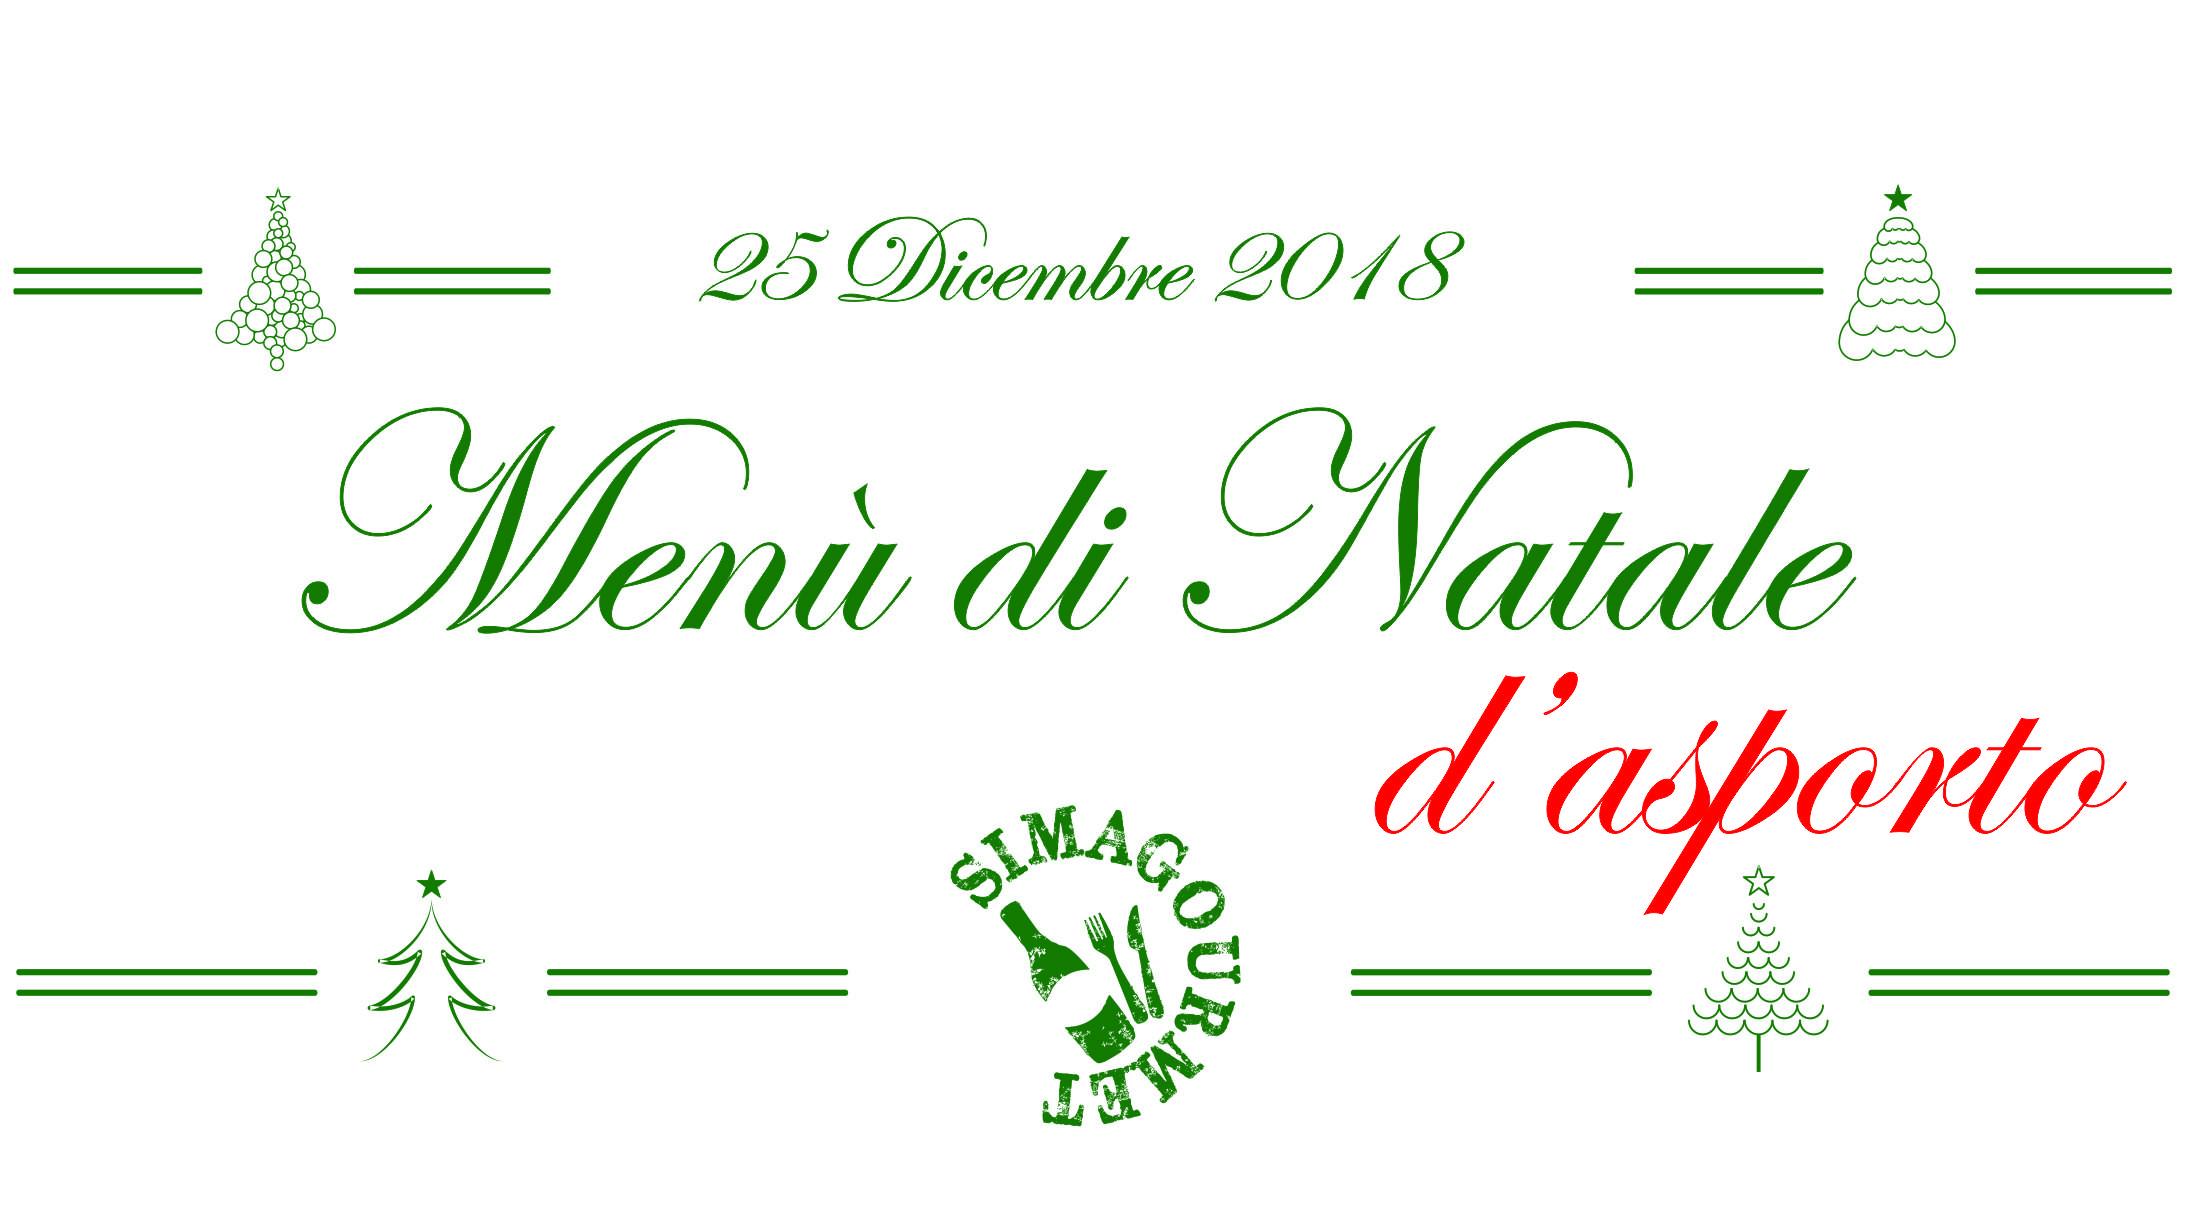 Menu Di Natale Per 30 Persone.Menu Di Natale D Asporto 2017 Ristorante Simago